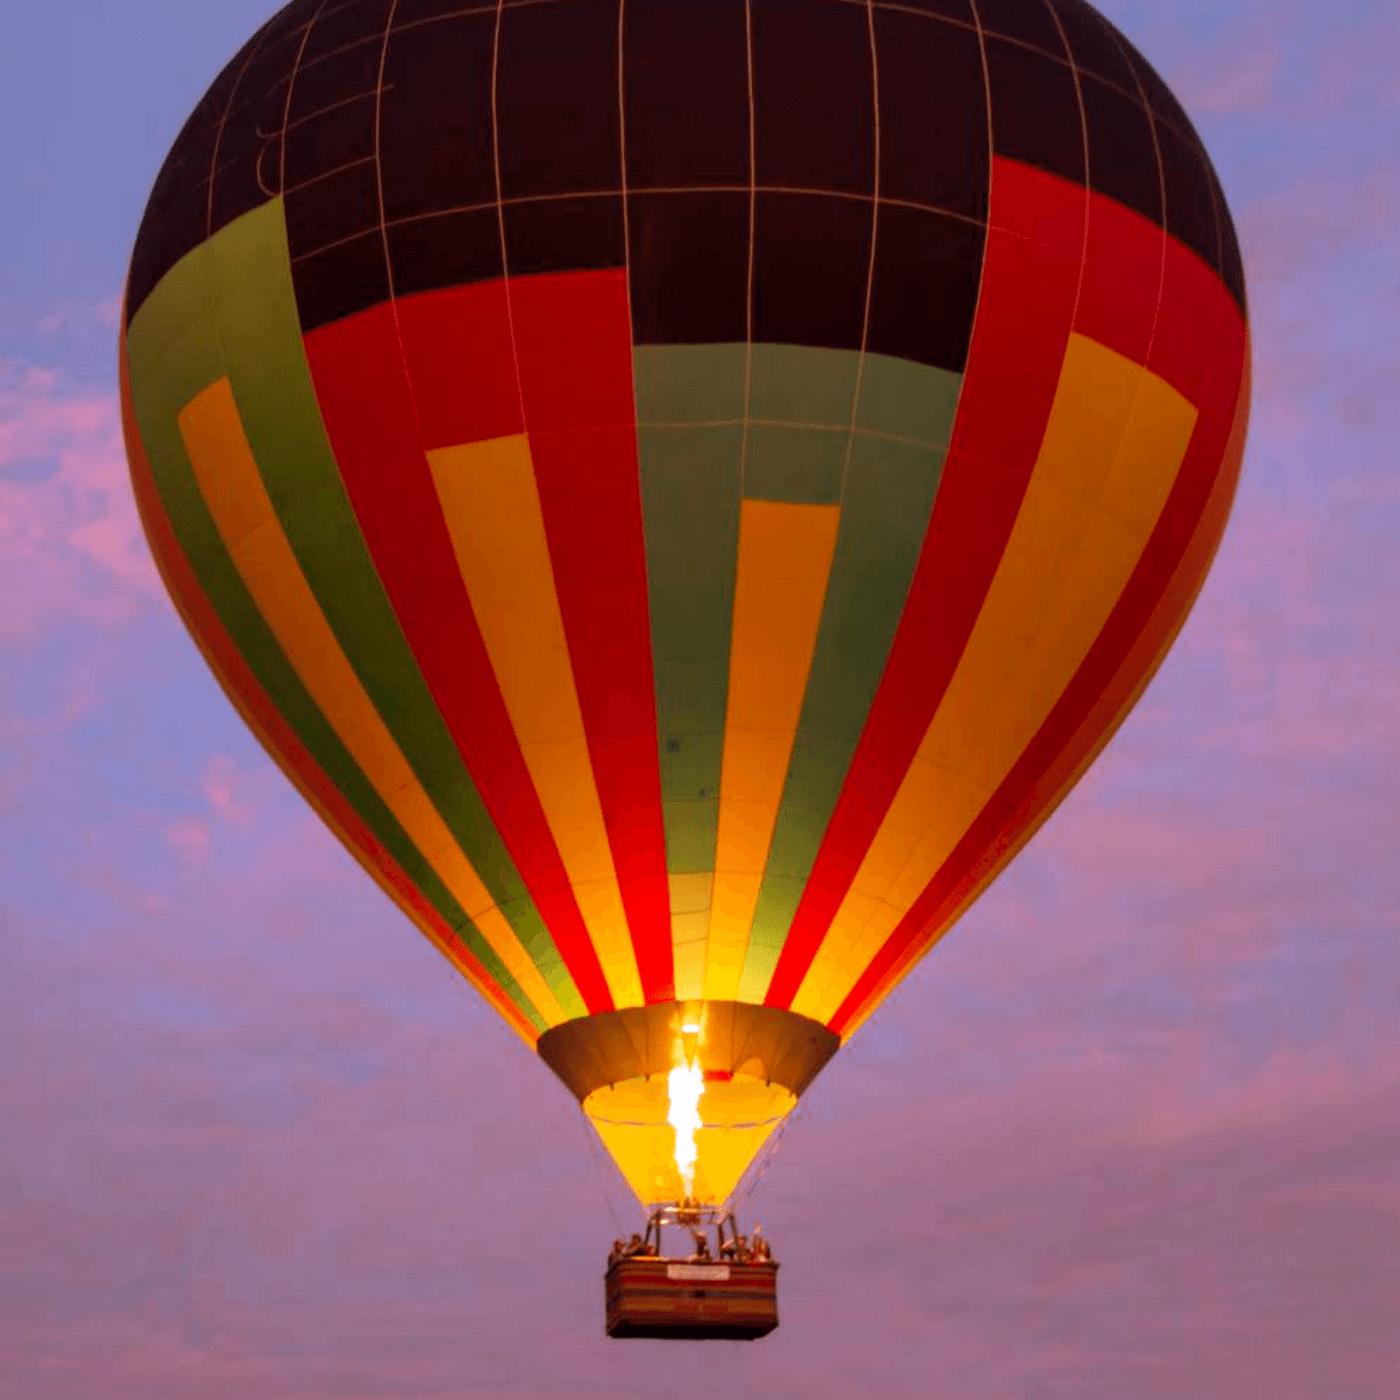 Passeio de Balão para 4 pessoas com Hospedagem em Boituva-SP (Agende sua Data)